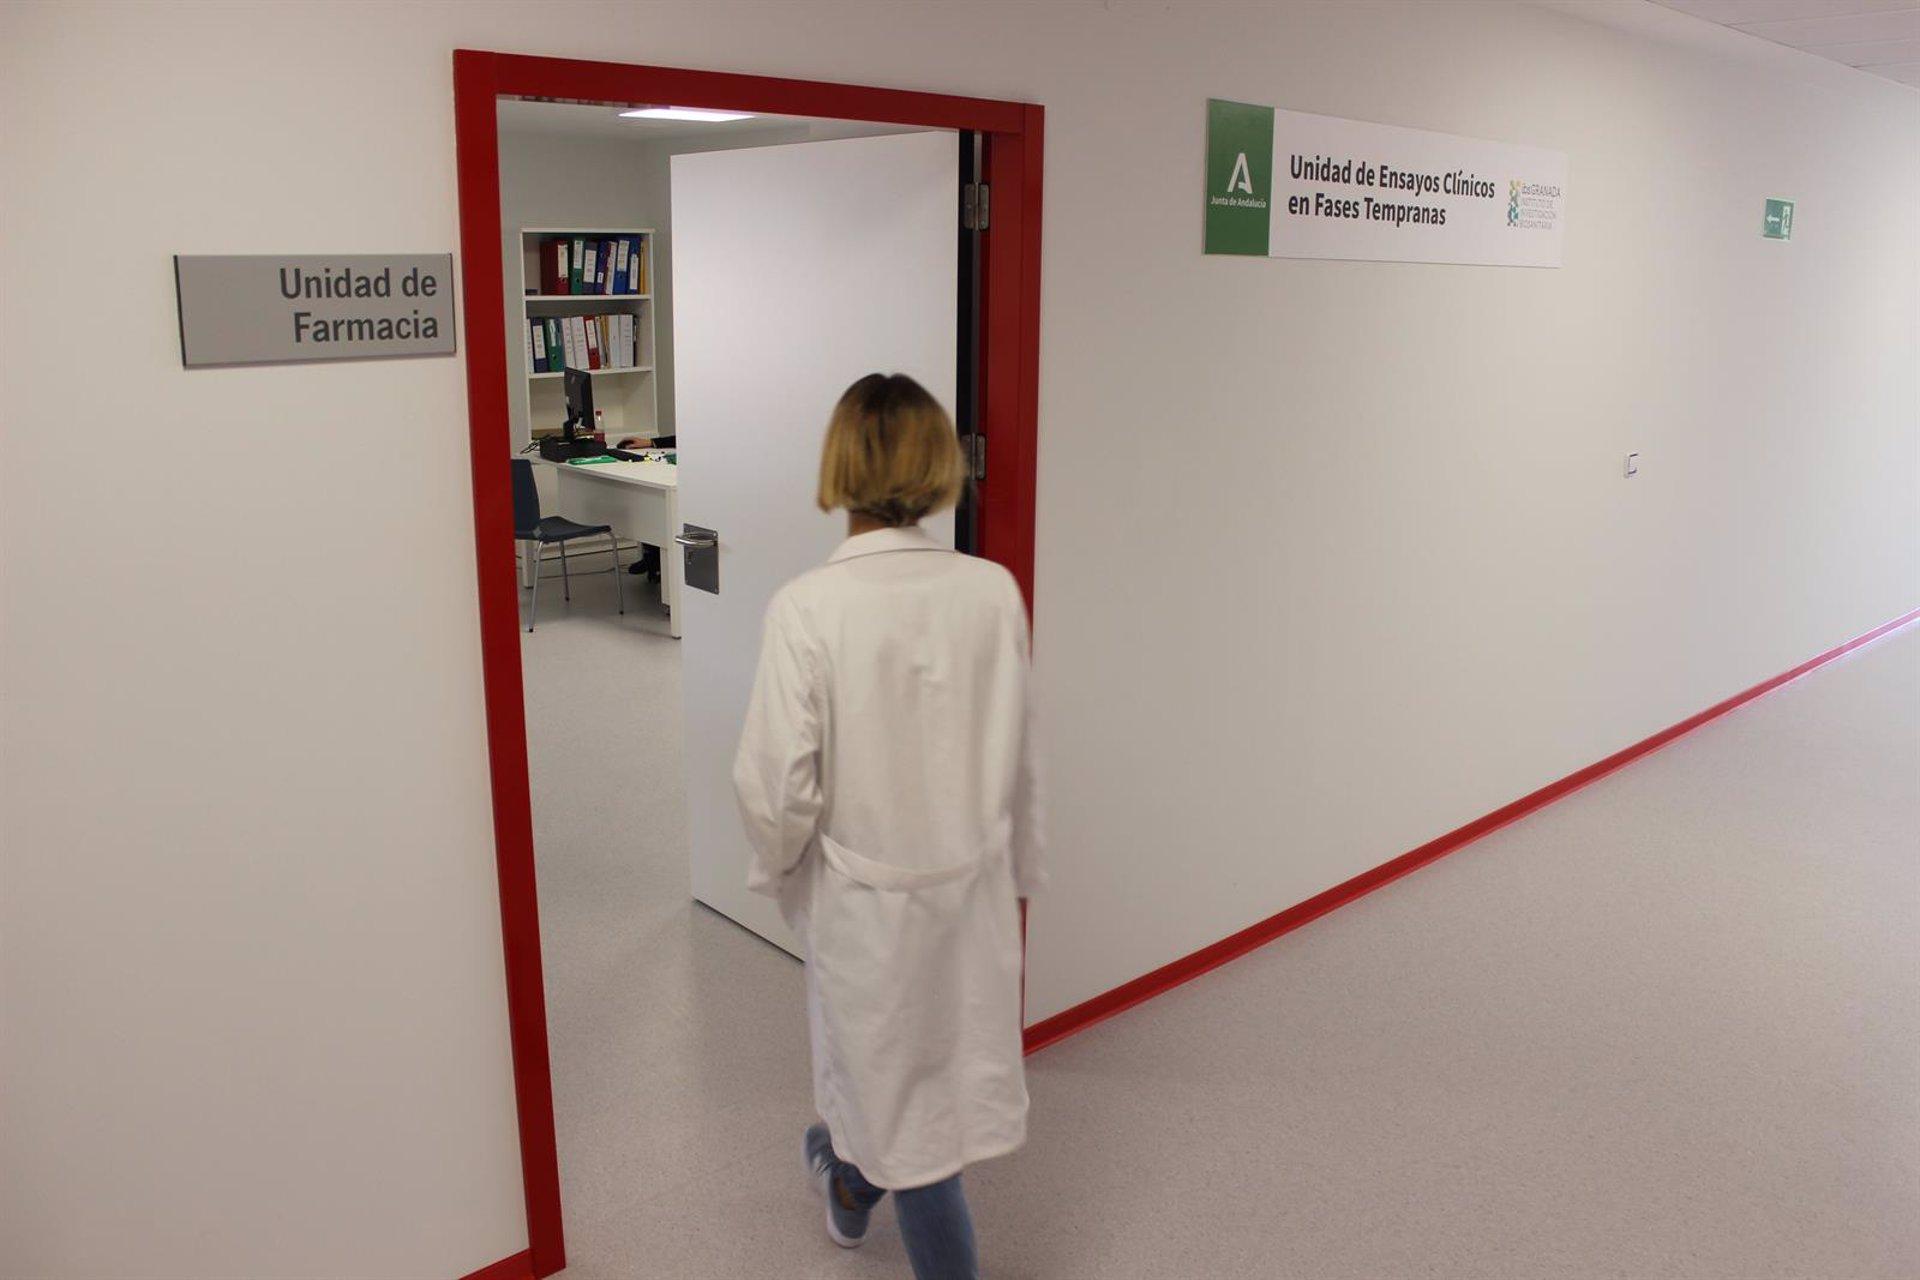 Hospital Virgen de las Nieves estrena una unidad de ensayos clínicos de referencia para Granada, Jaén y Almería